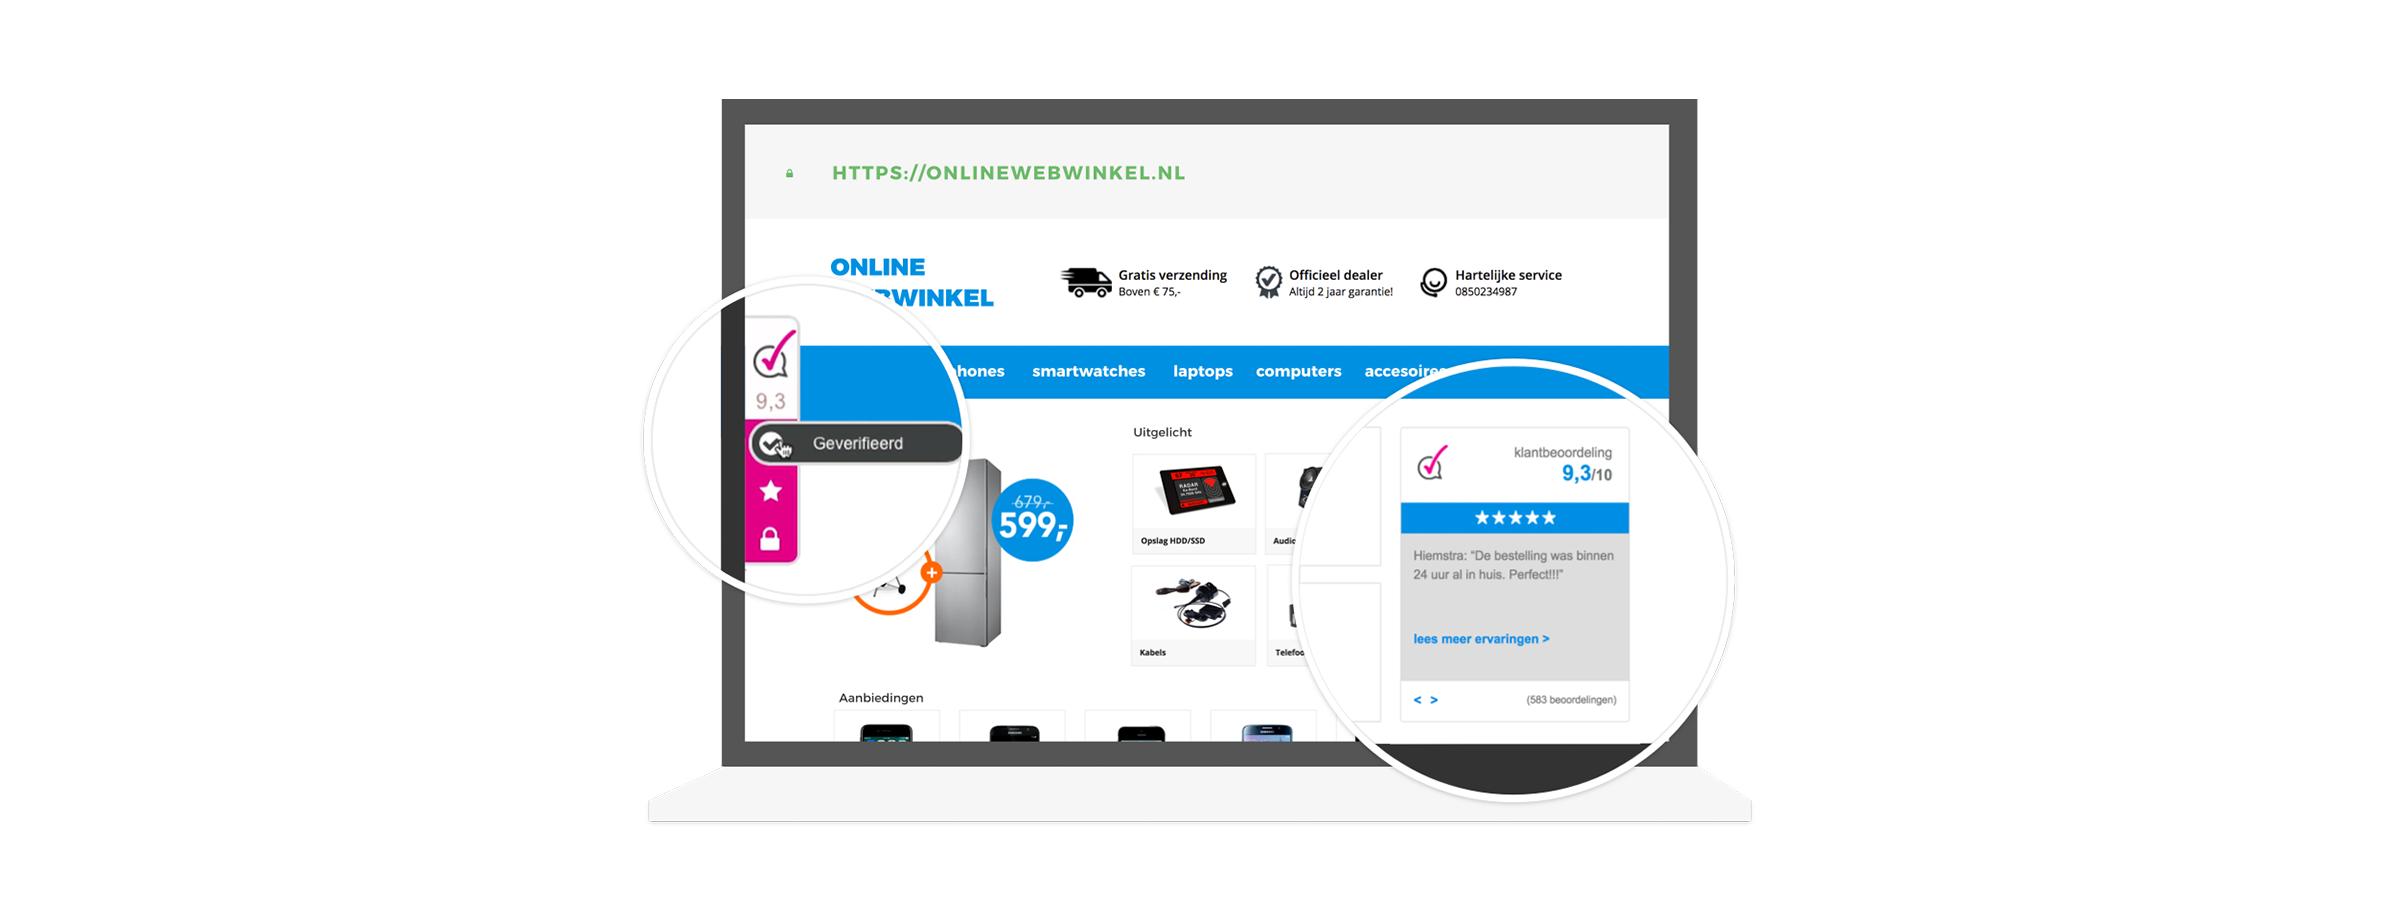 b385a8ce0b5 Webwinkel Keurmerk + Klantbeoordelingen €8,95 p/m